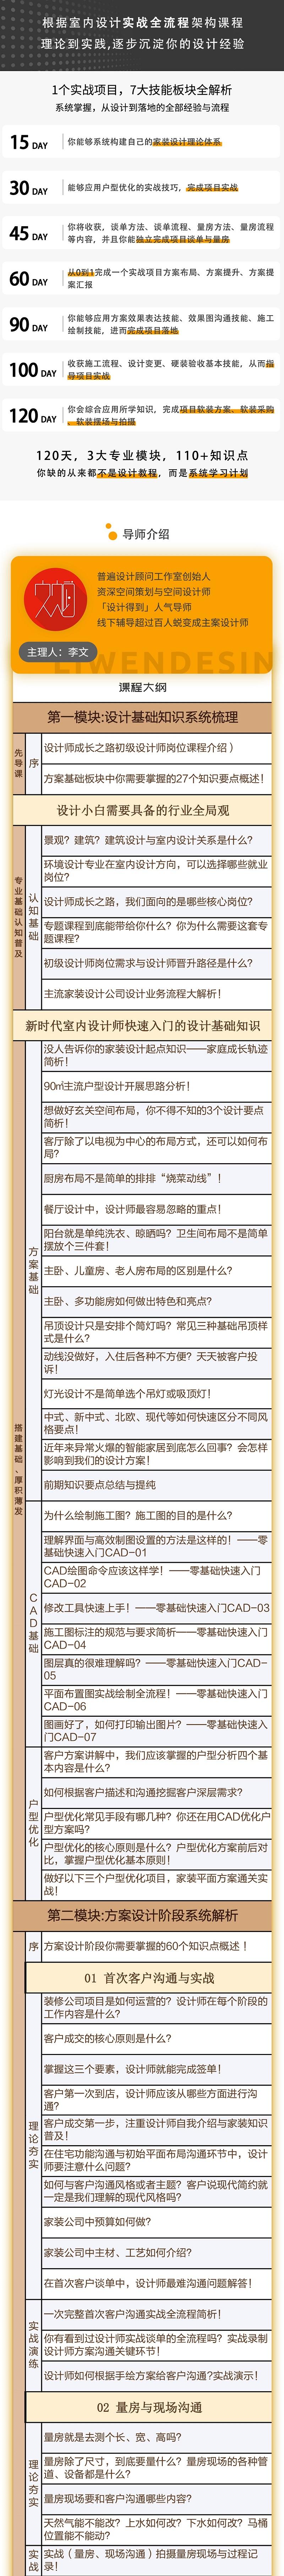 课程详情页-2.1 - 副本.jpg